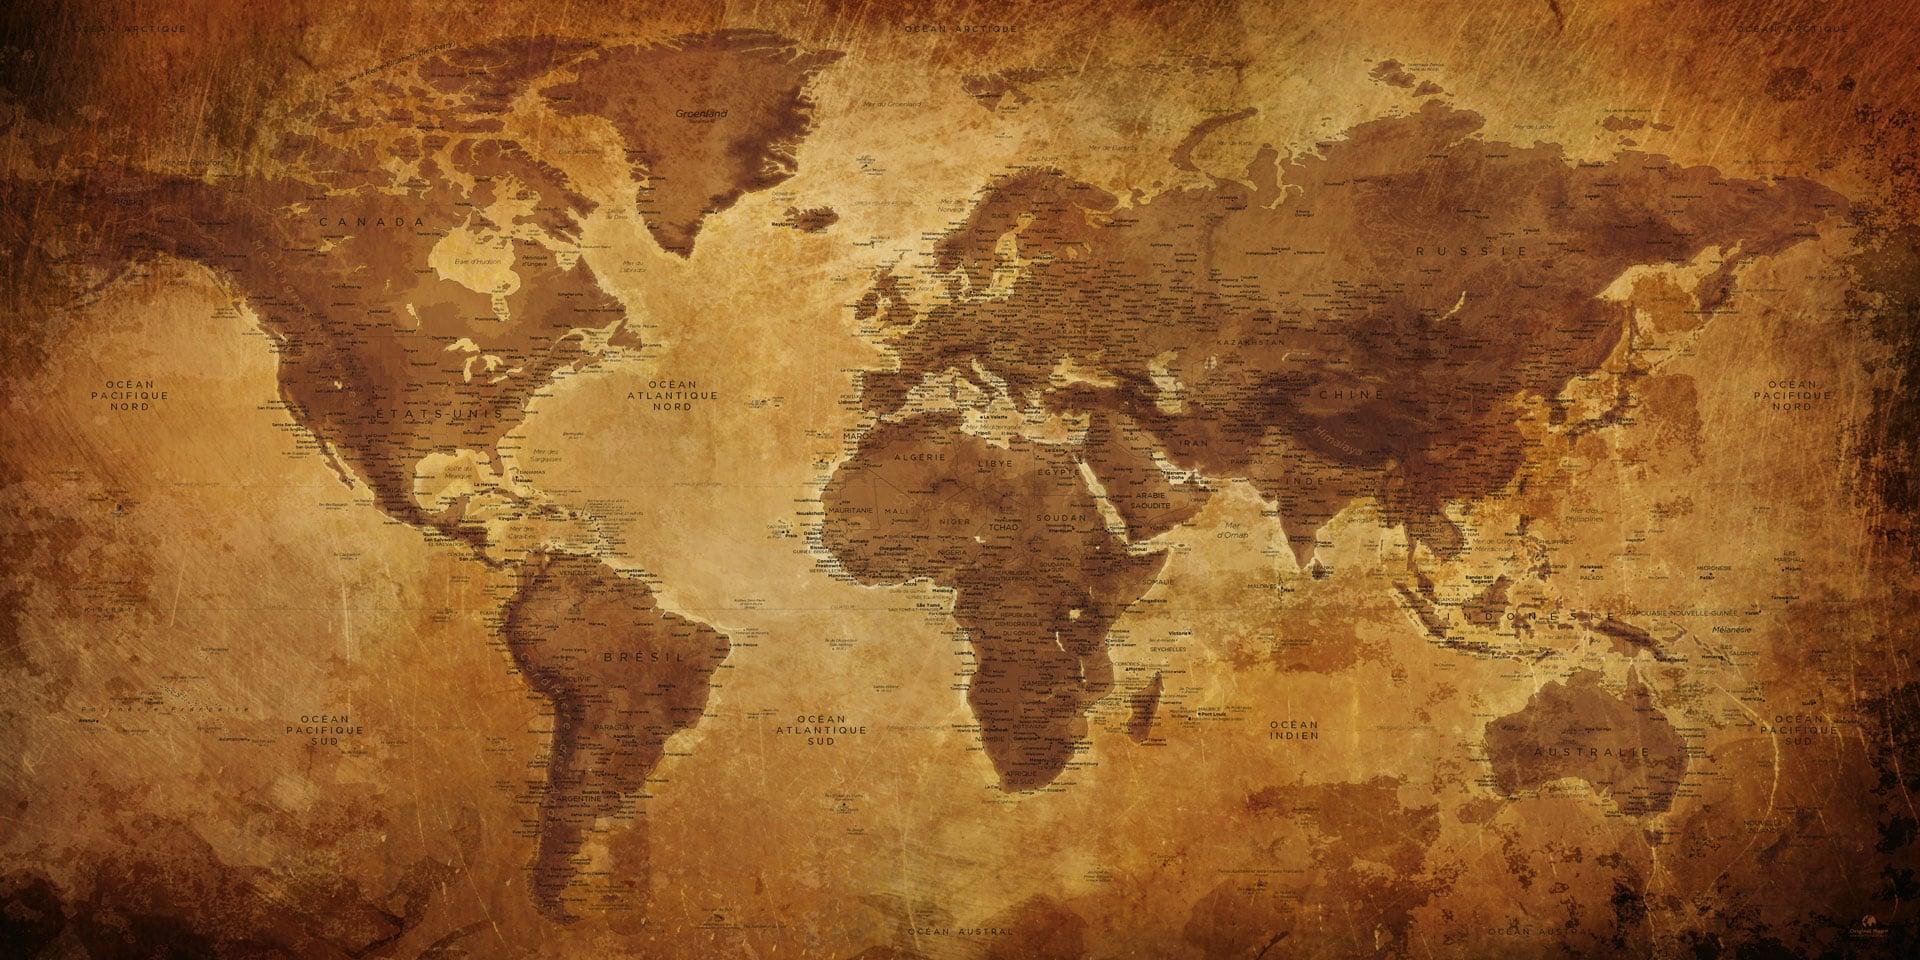 carte ancienne du monde Carte Monde Ancienne   Map Ancienne   Achat   Cadeau | Original Map